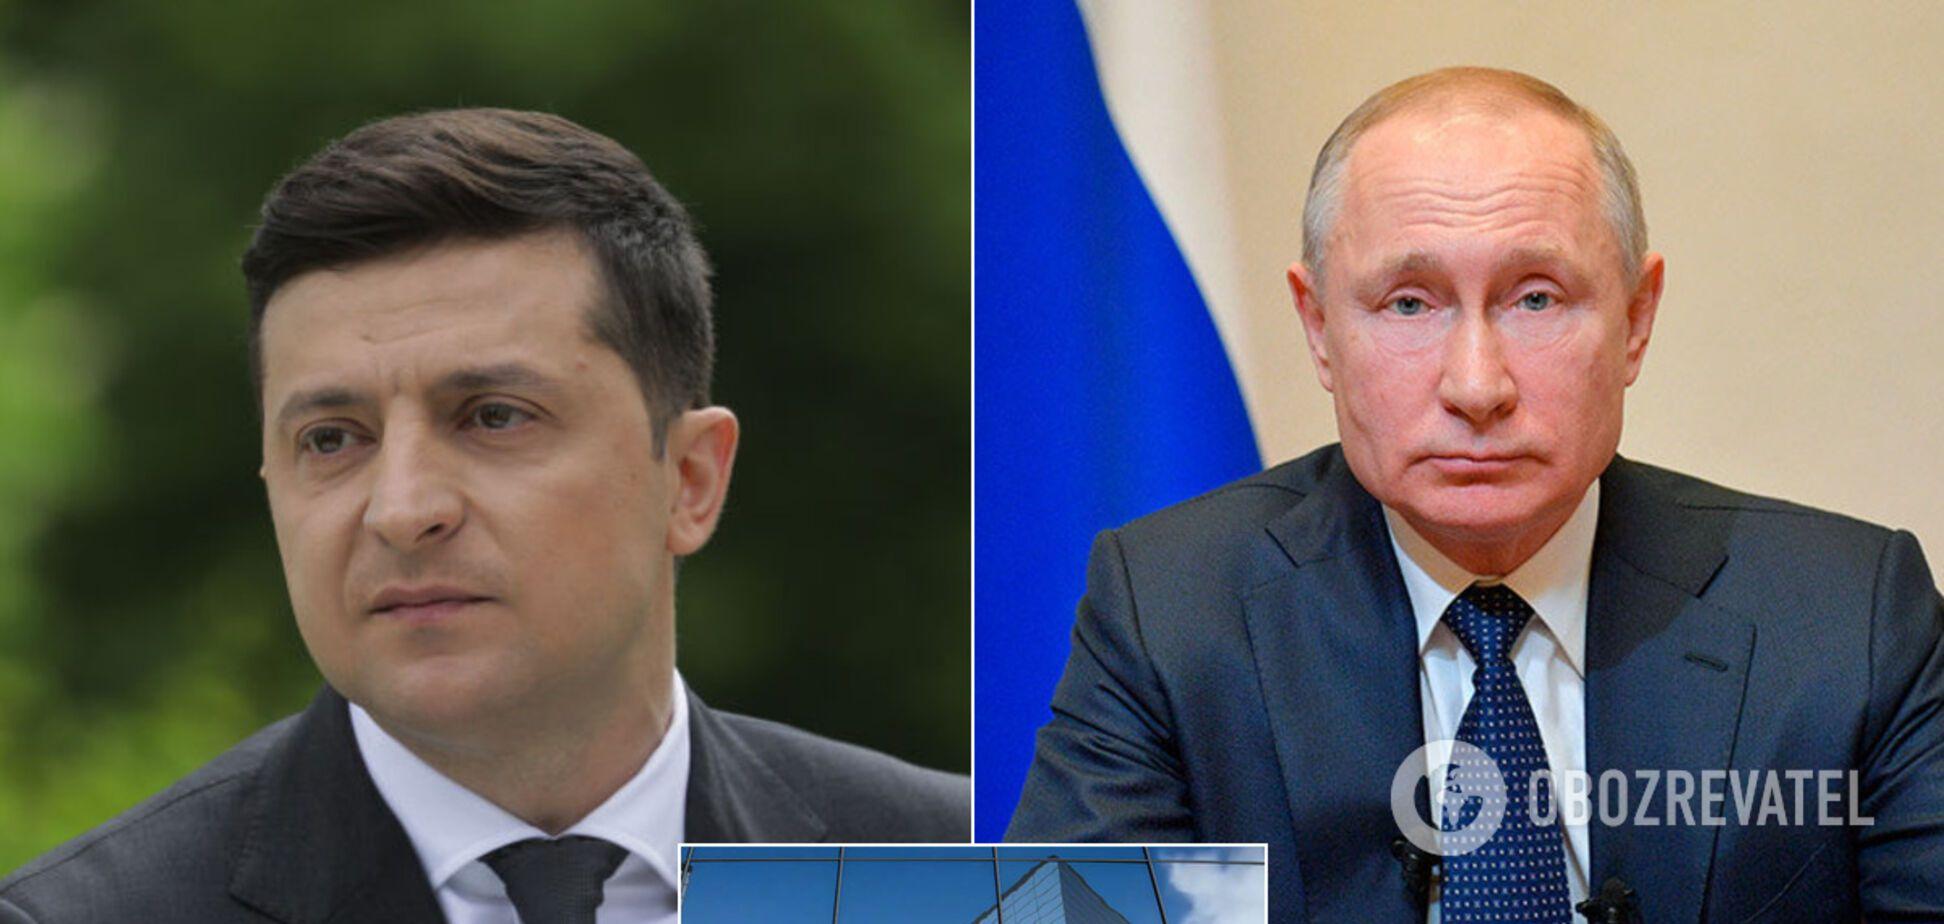 Гроші 'Газпрому' отримали завдяки моїм особистим домовленостям із Путіним – Зеленський